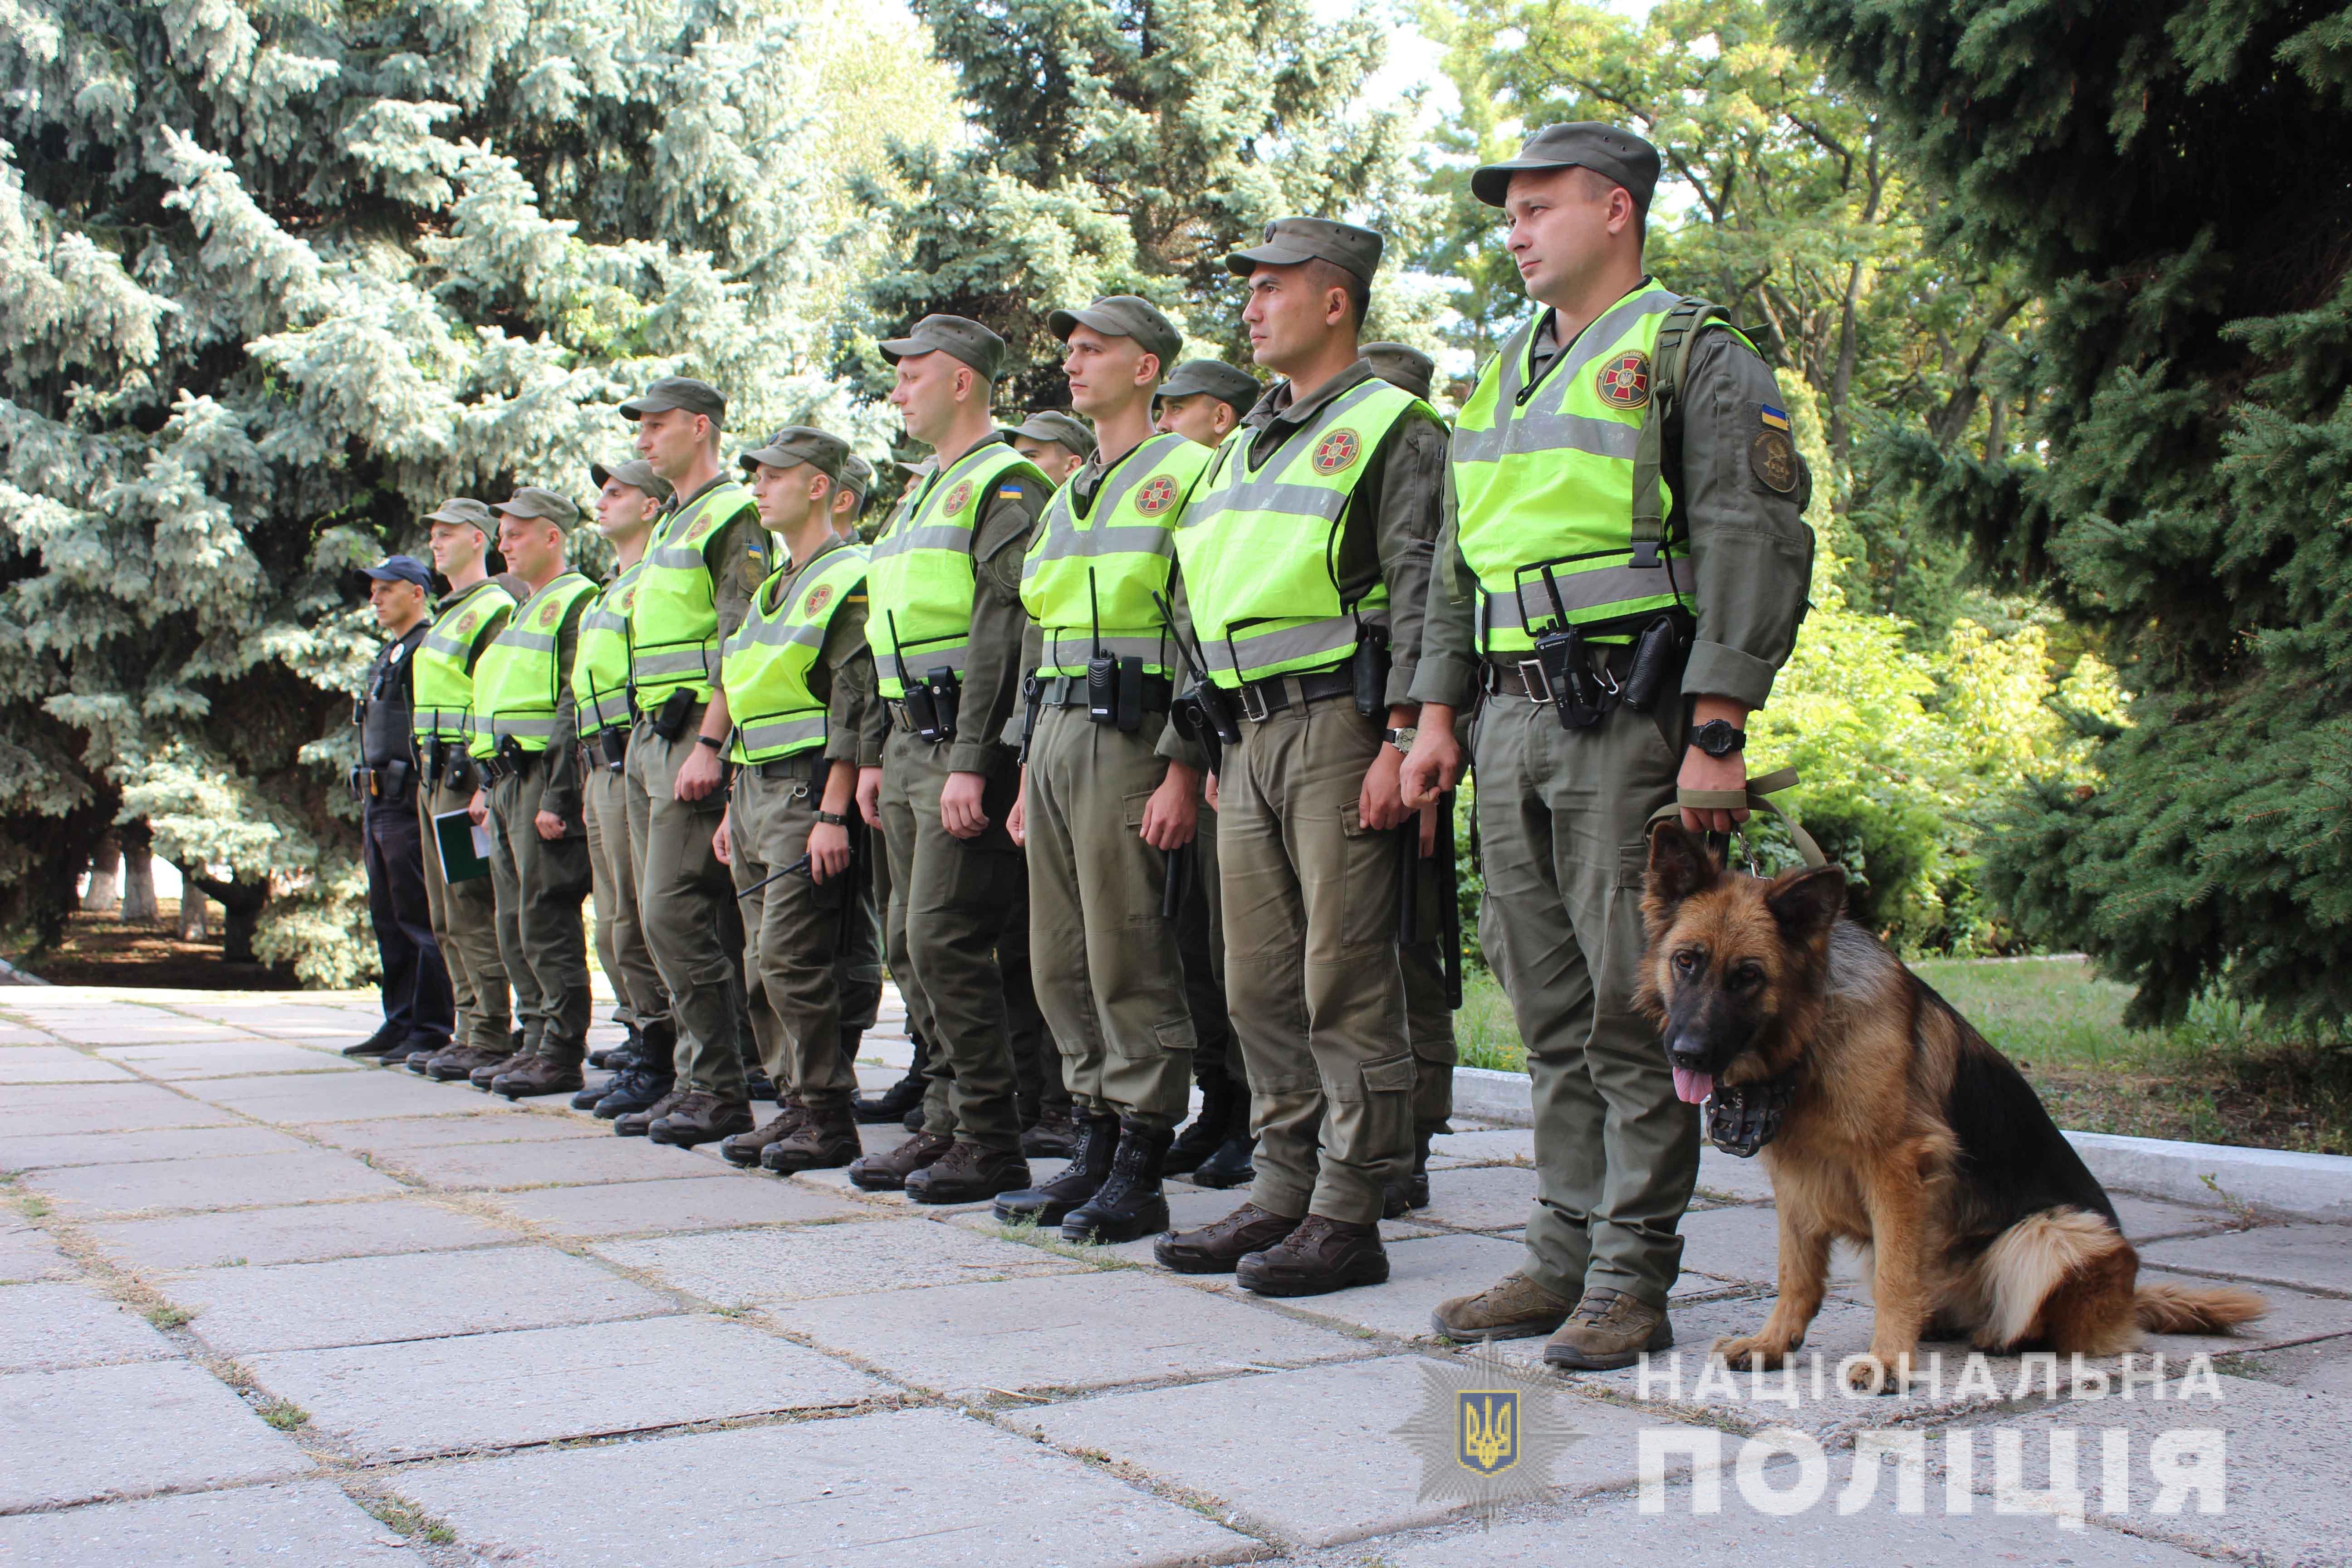 У Кропивницькому разом з полiцейськими за громадським порядком слiдкуватимуть нацгвардiйцi (ФОТО)